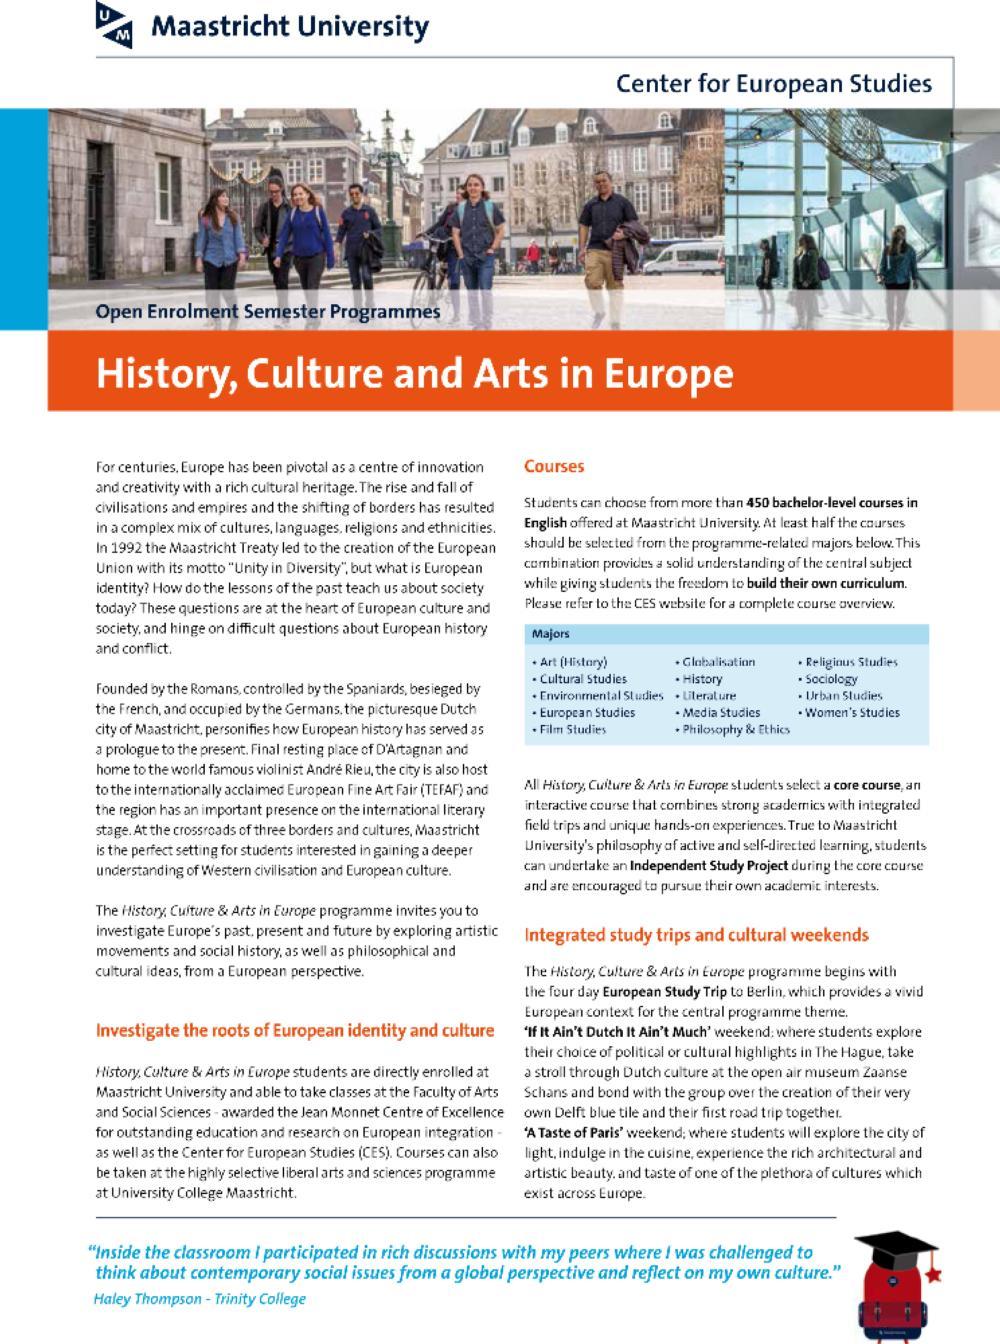 History, Culture & Arts